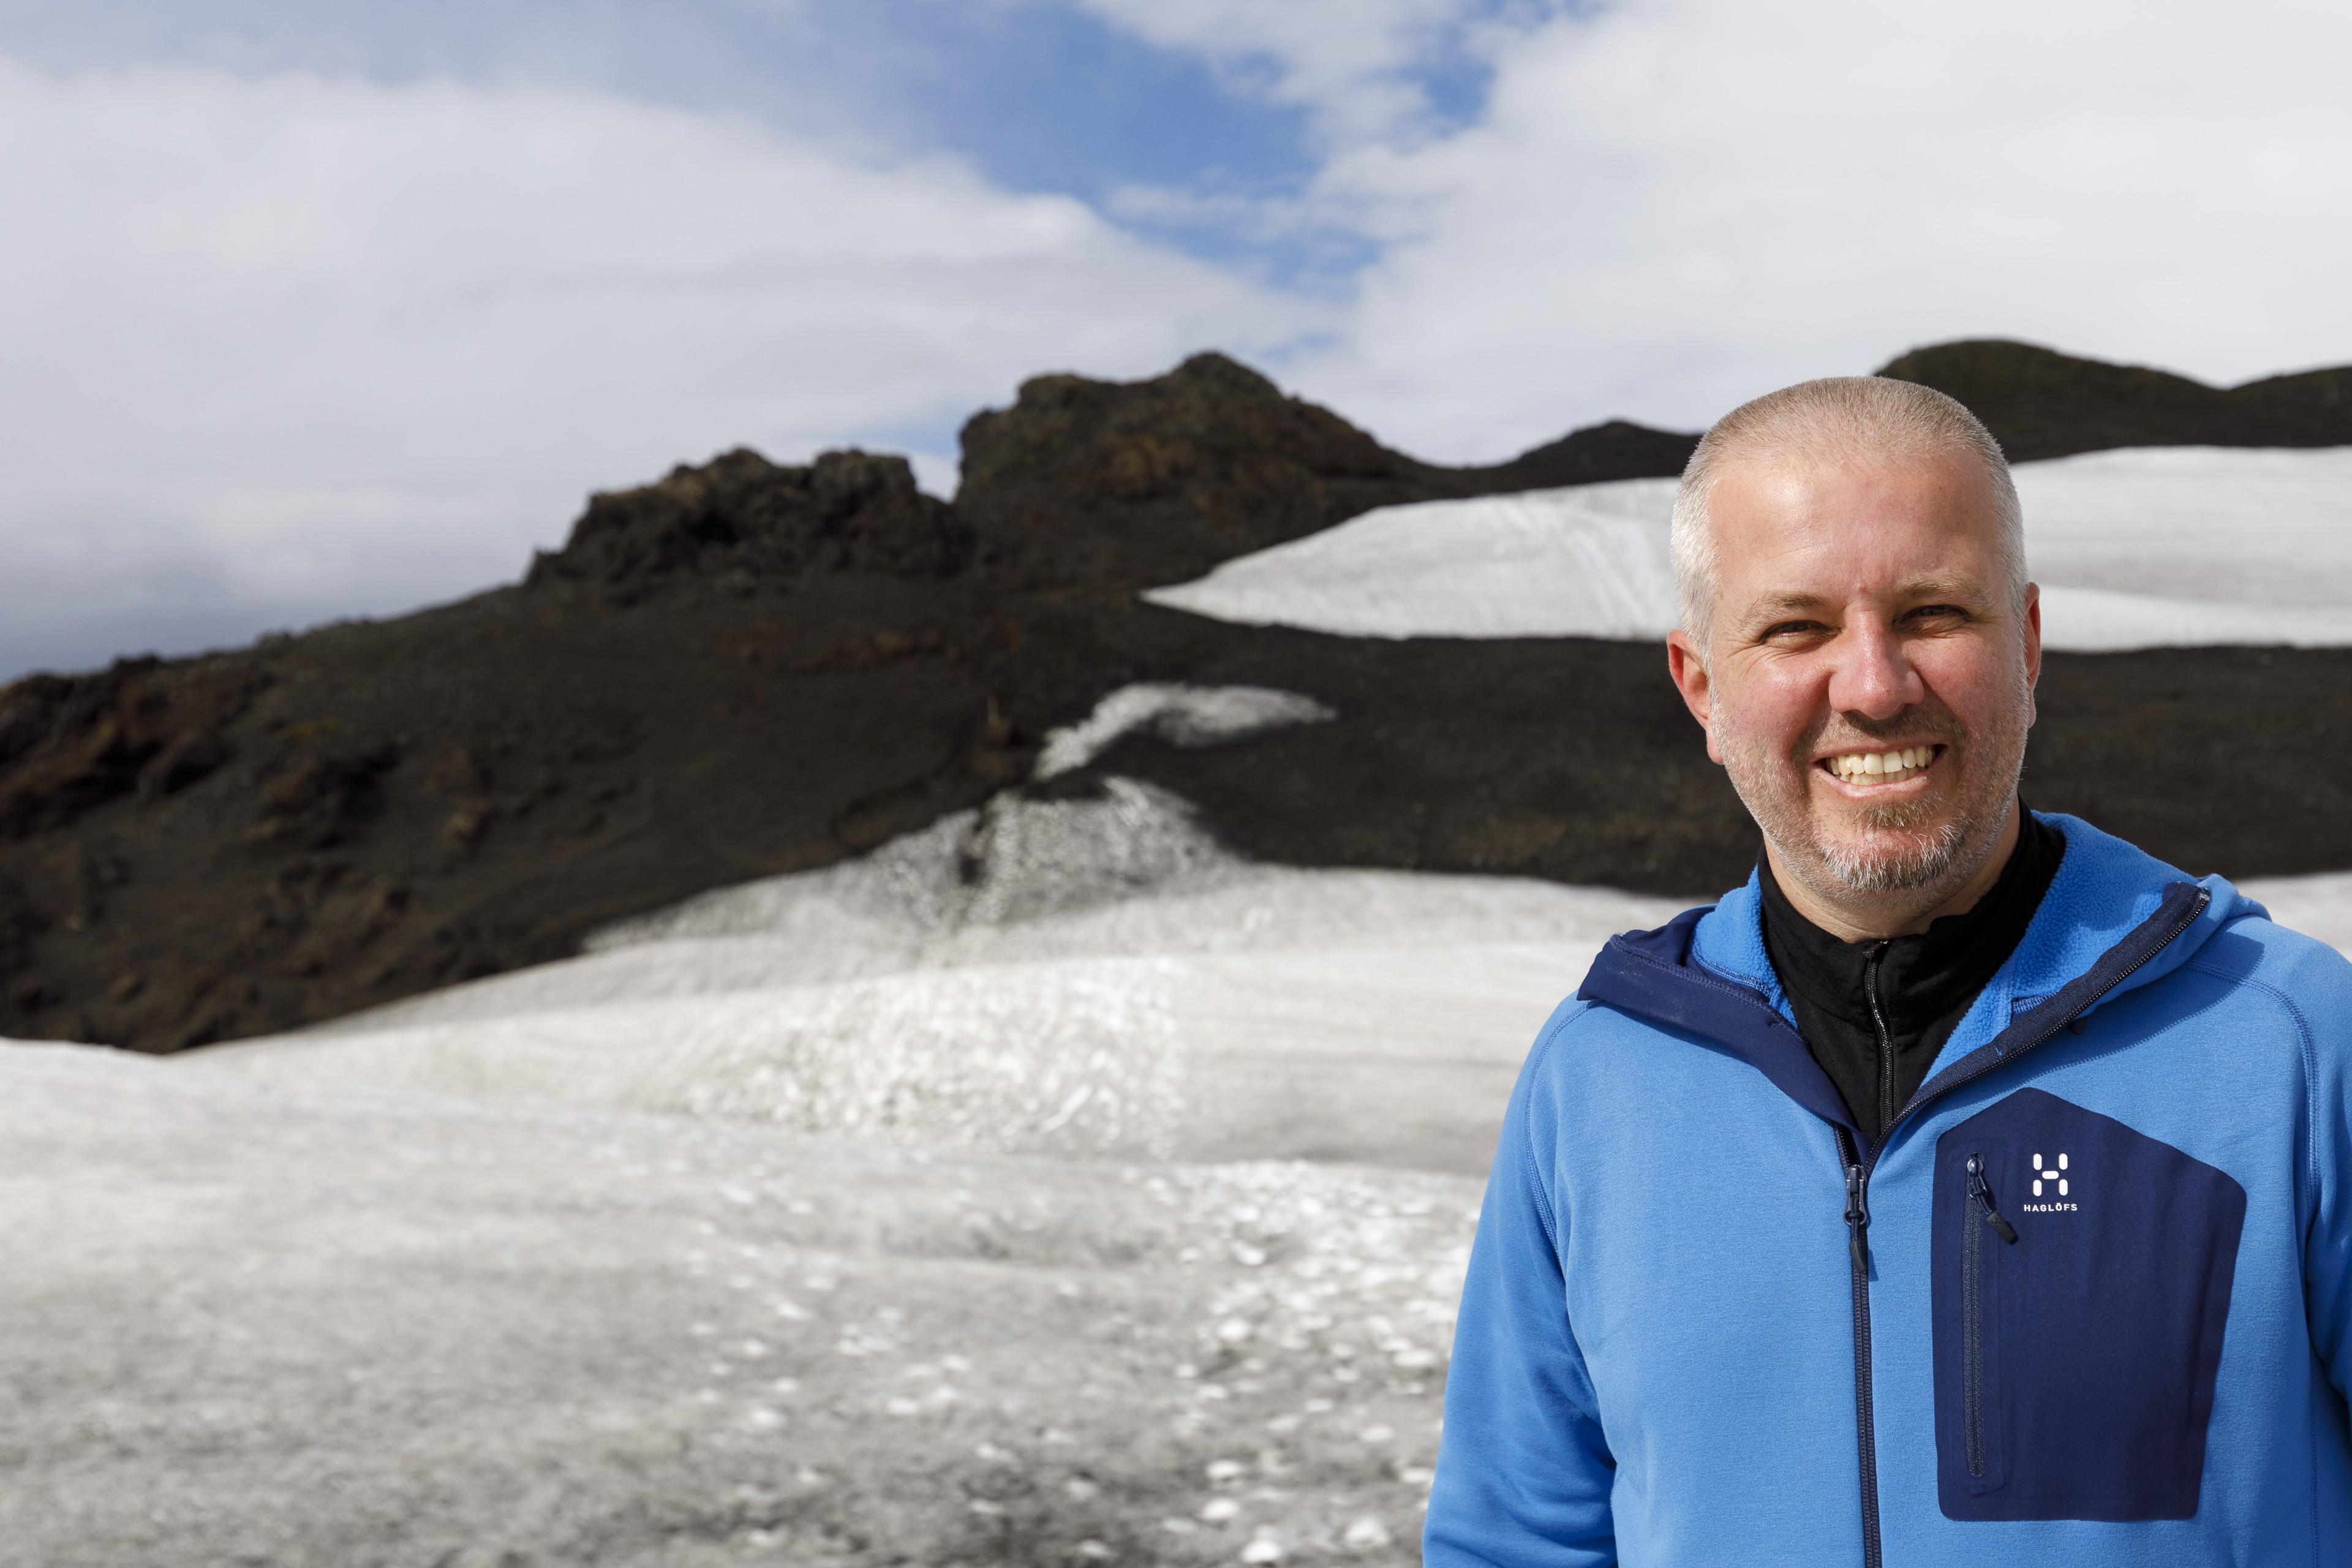 Markus beim Abstieg von der Fimmvörðuskáli,©Markus Proske—Canon EOS 5D Mark IV, EF16-35mm f/4L IS USM, 33mm, 1/2000s, Blende 5.6, ISO 200